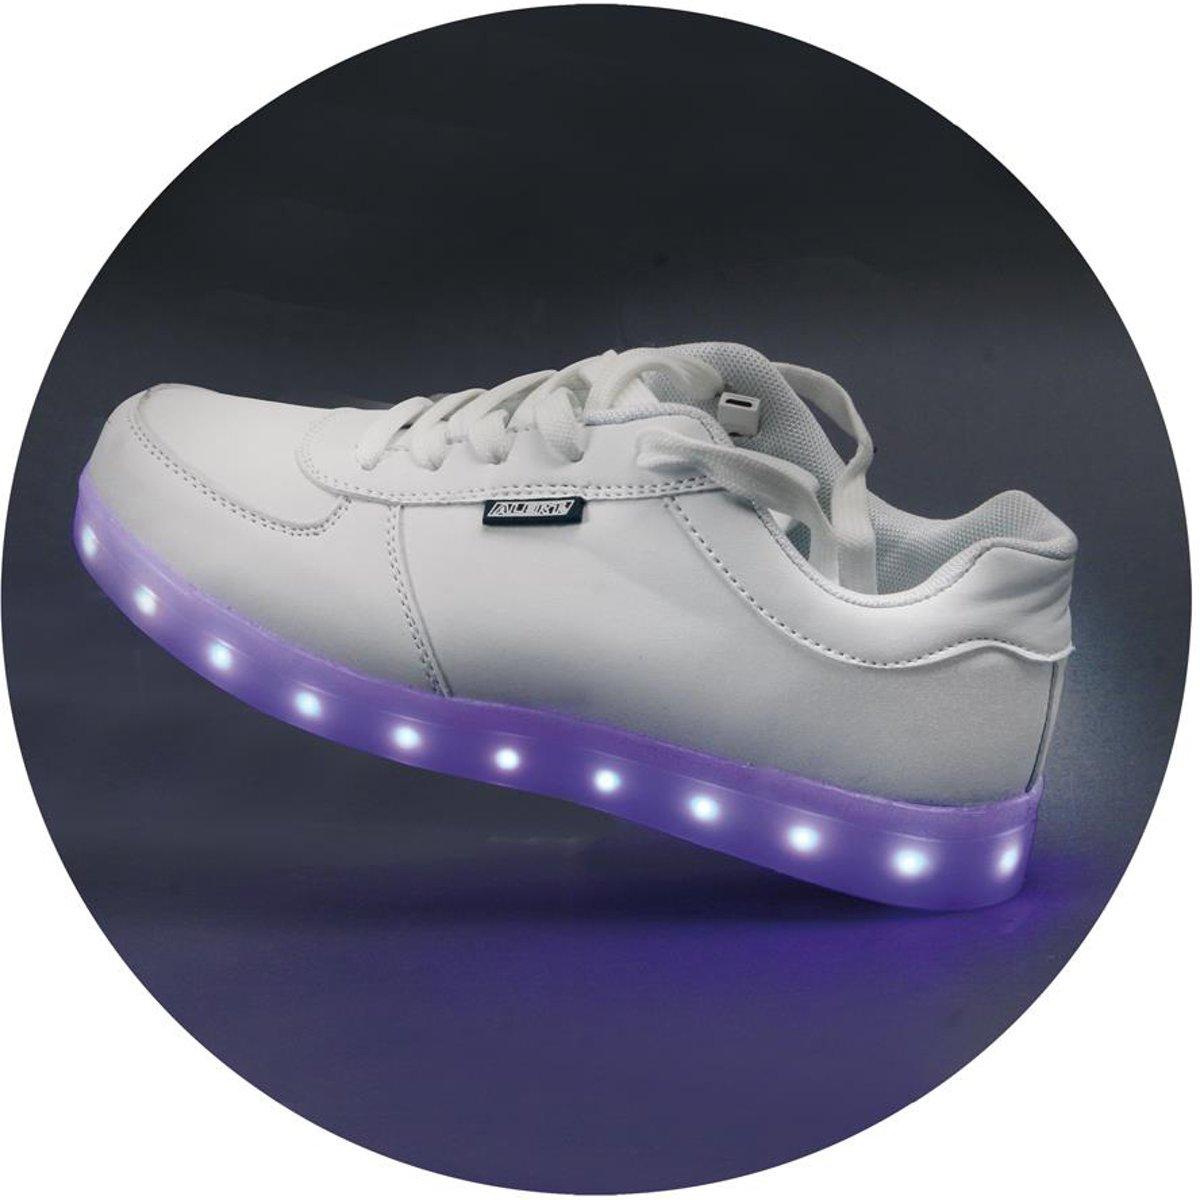 2fa62fbbafc bol.com | ALERT LED Sneakers met Instelbaar Licht - Schoenen - Maat 41,  Otto Simon | Speelgoed